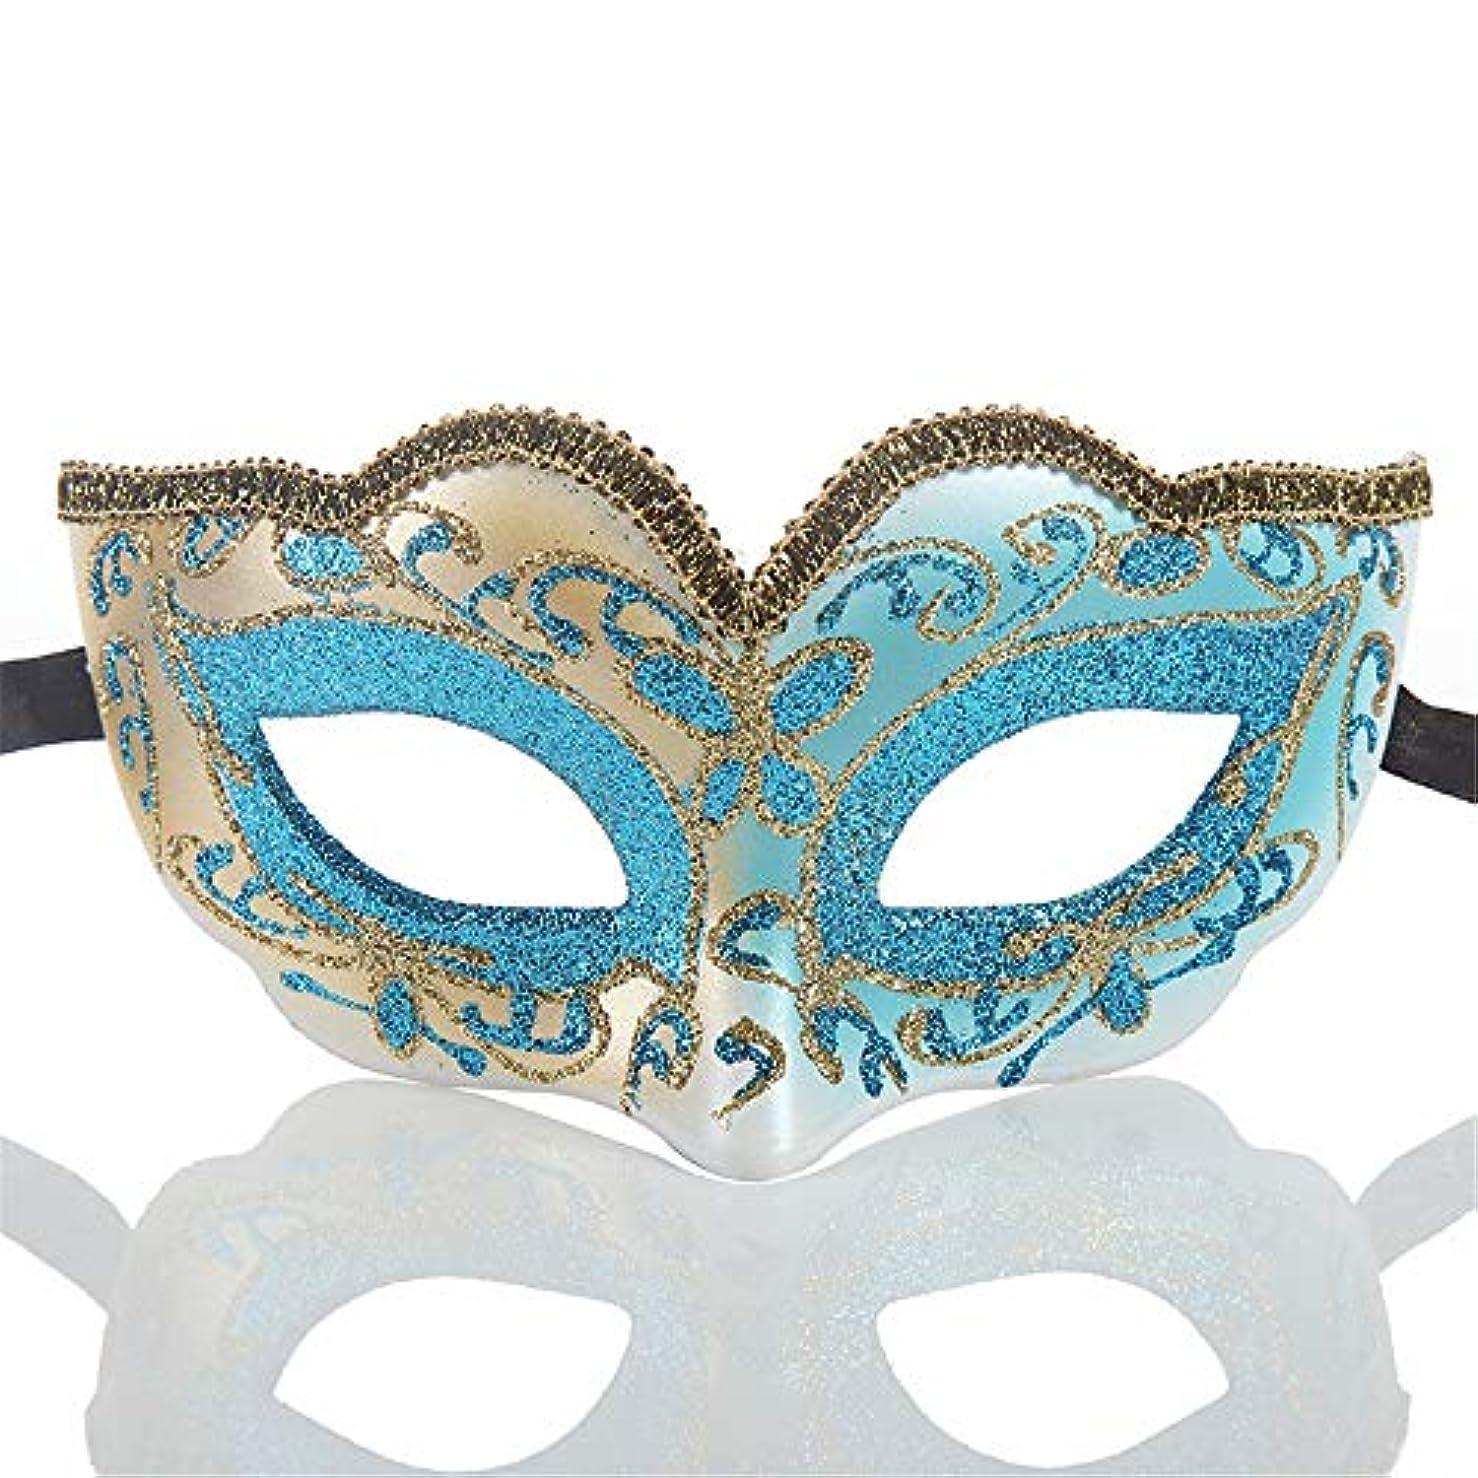 移動するすごい絶望的なダンスマスク 仮面舞踏会マスクレース塗装プリンセスパーティーハロウィン小道具ナイトクラブ雰囲気クリスマスフェスティバルロールプレイングプラスチックマスク パーティーボールマスク (色 : 青, サイズ : 14.5*7.5cm)